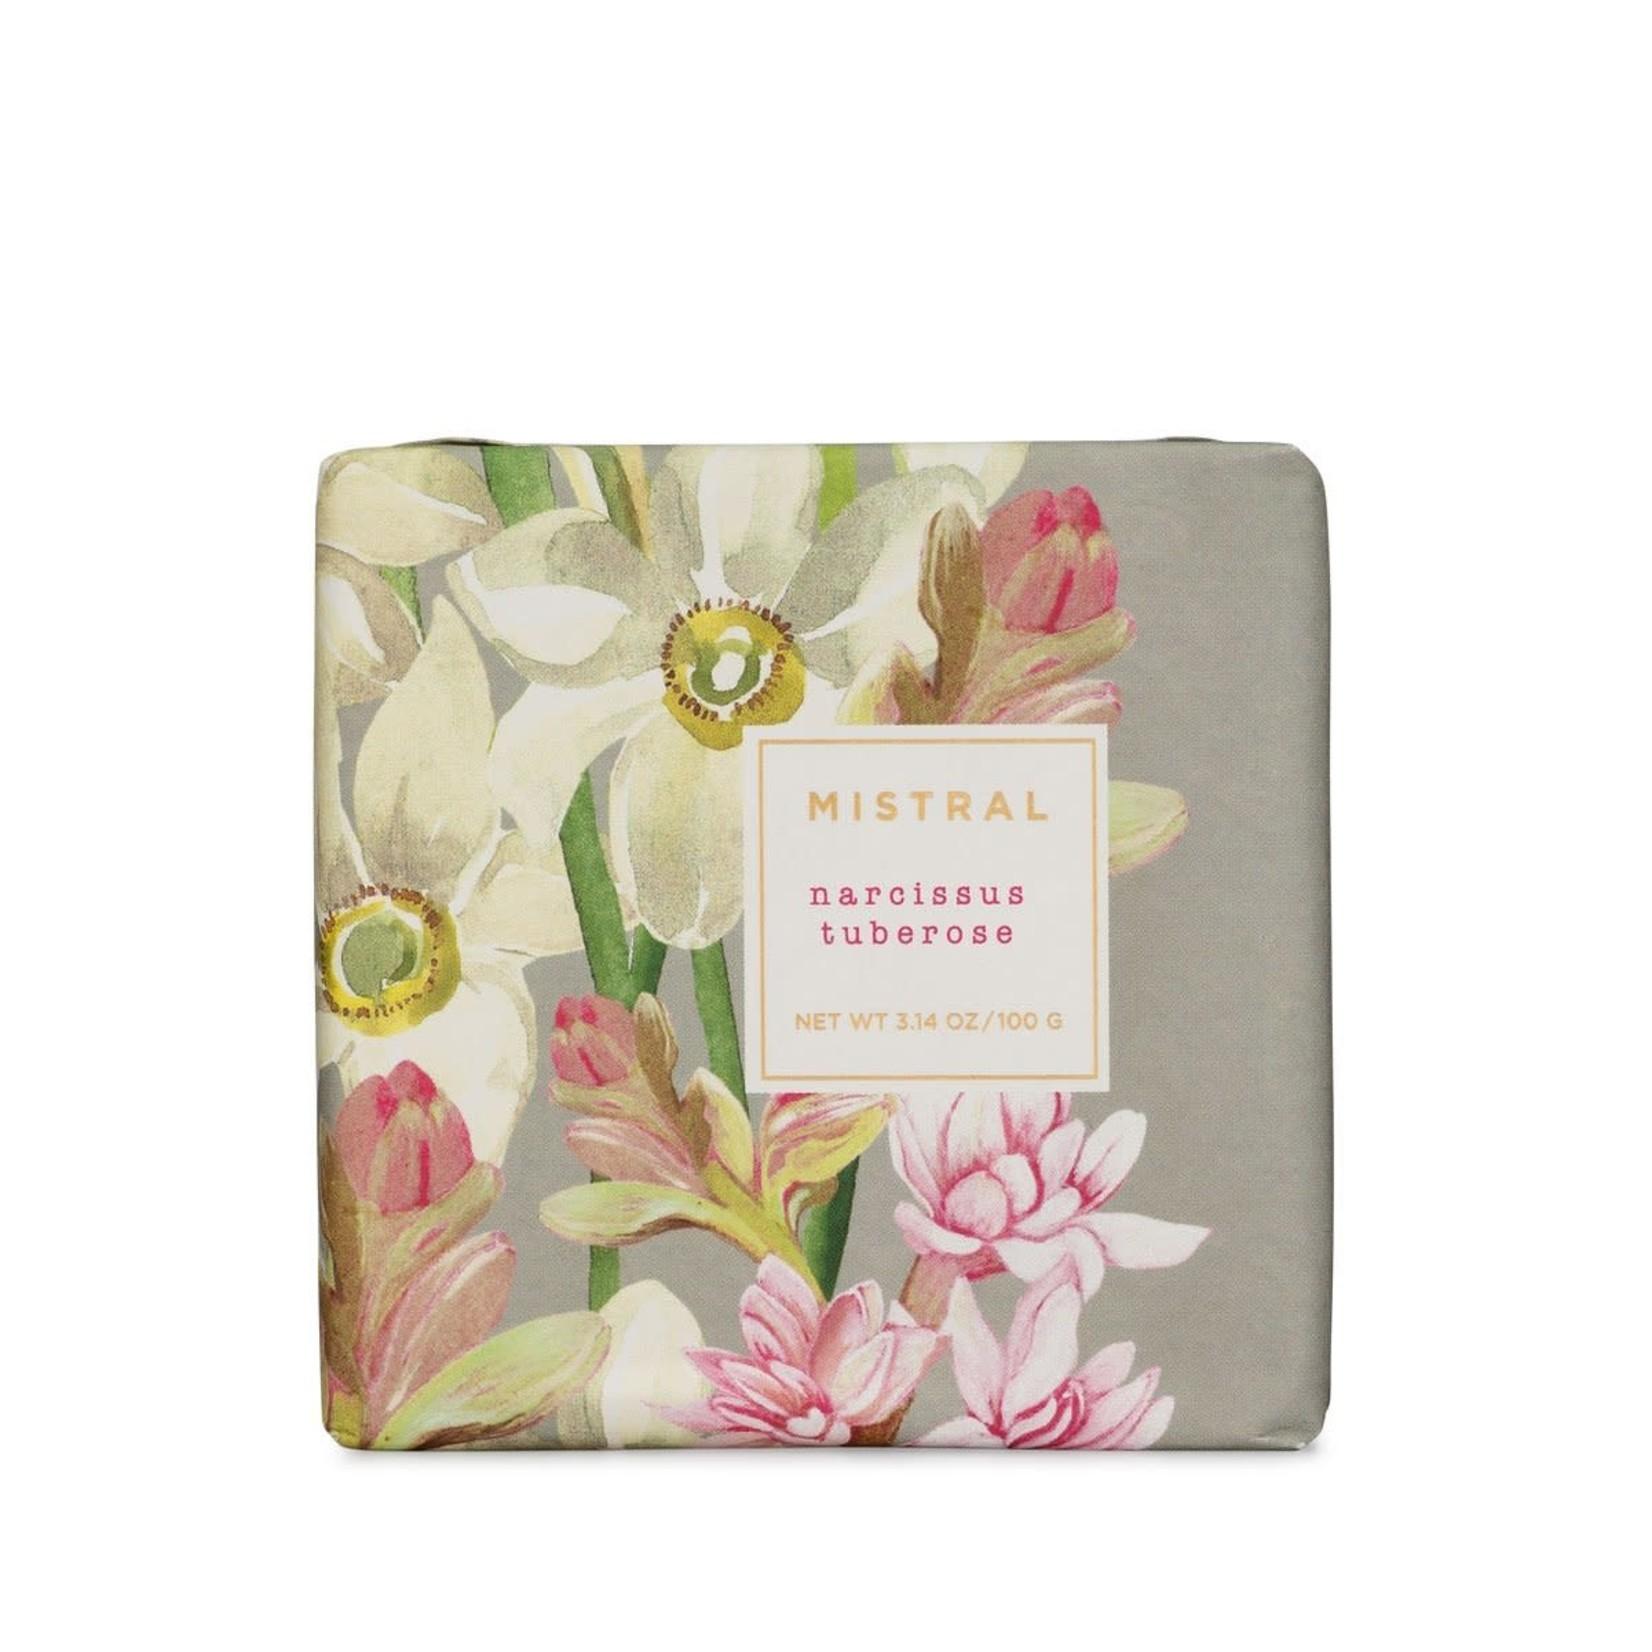 Mistral Savon MISTRAL Narcisses tuberose/ 100 g